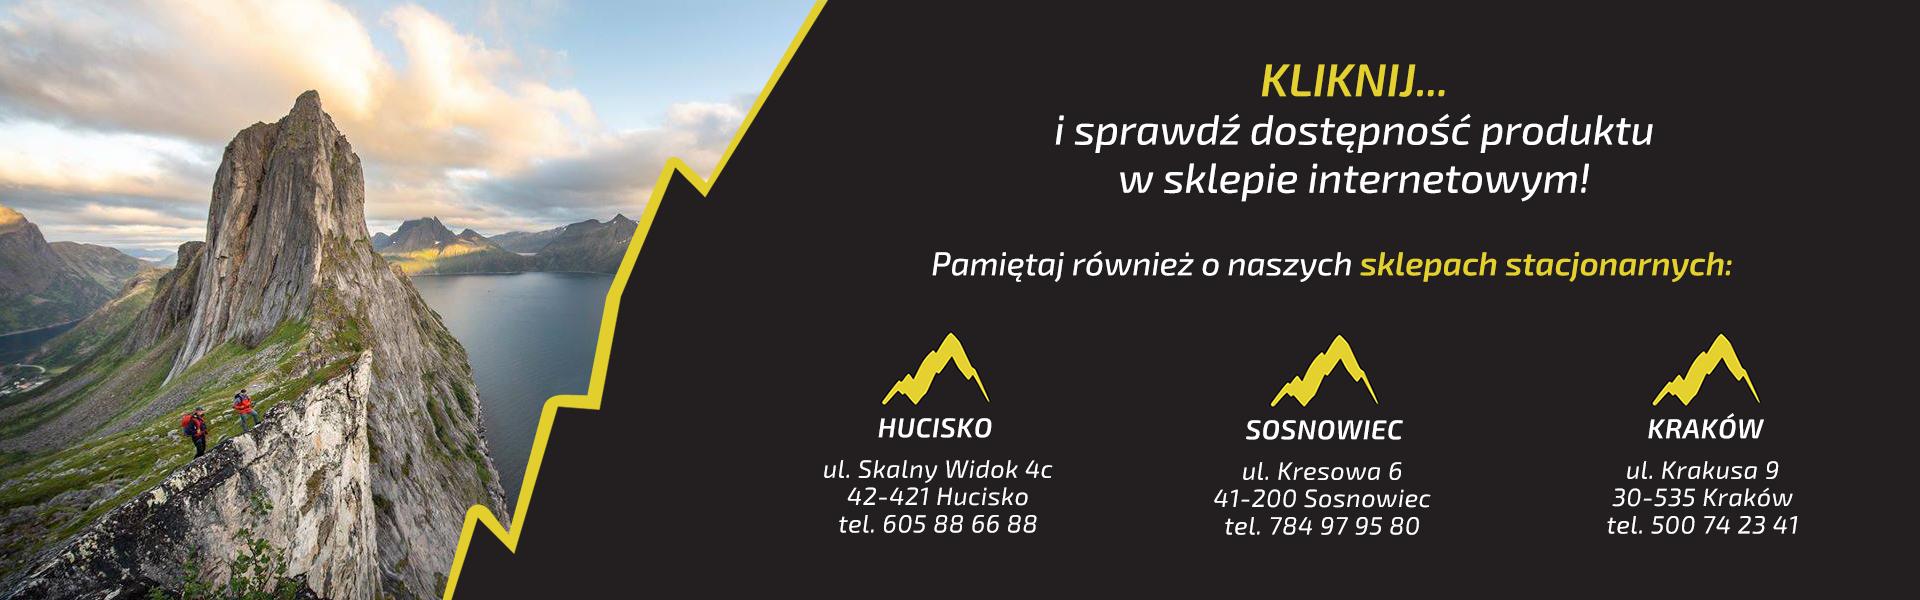 SklepGorski.pl - Sklep Gorski